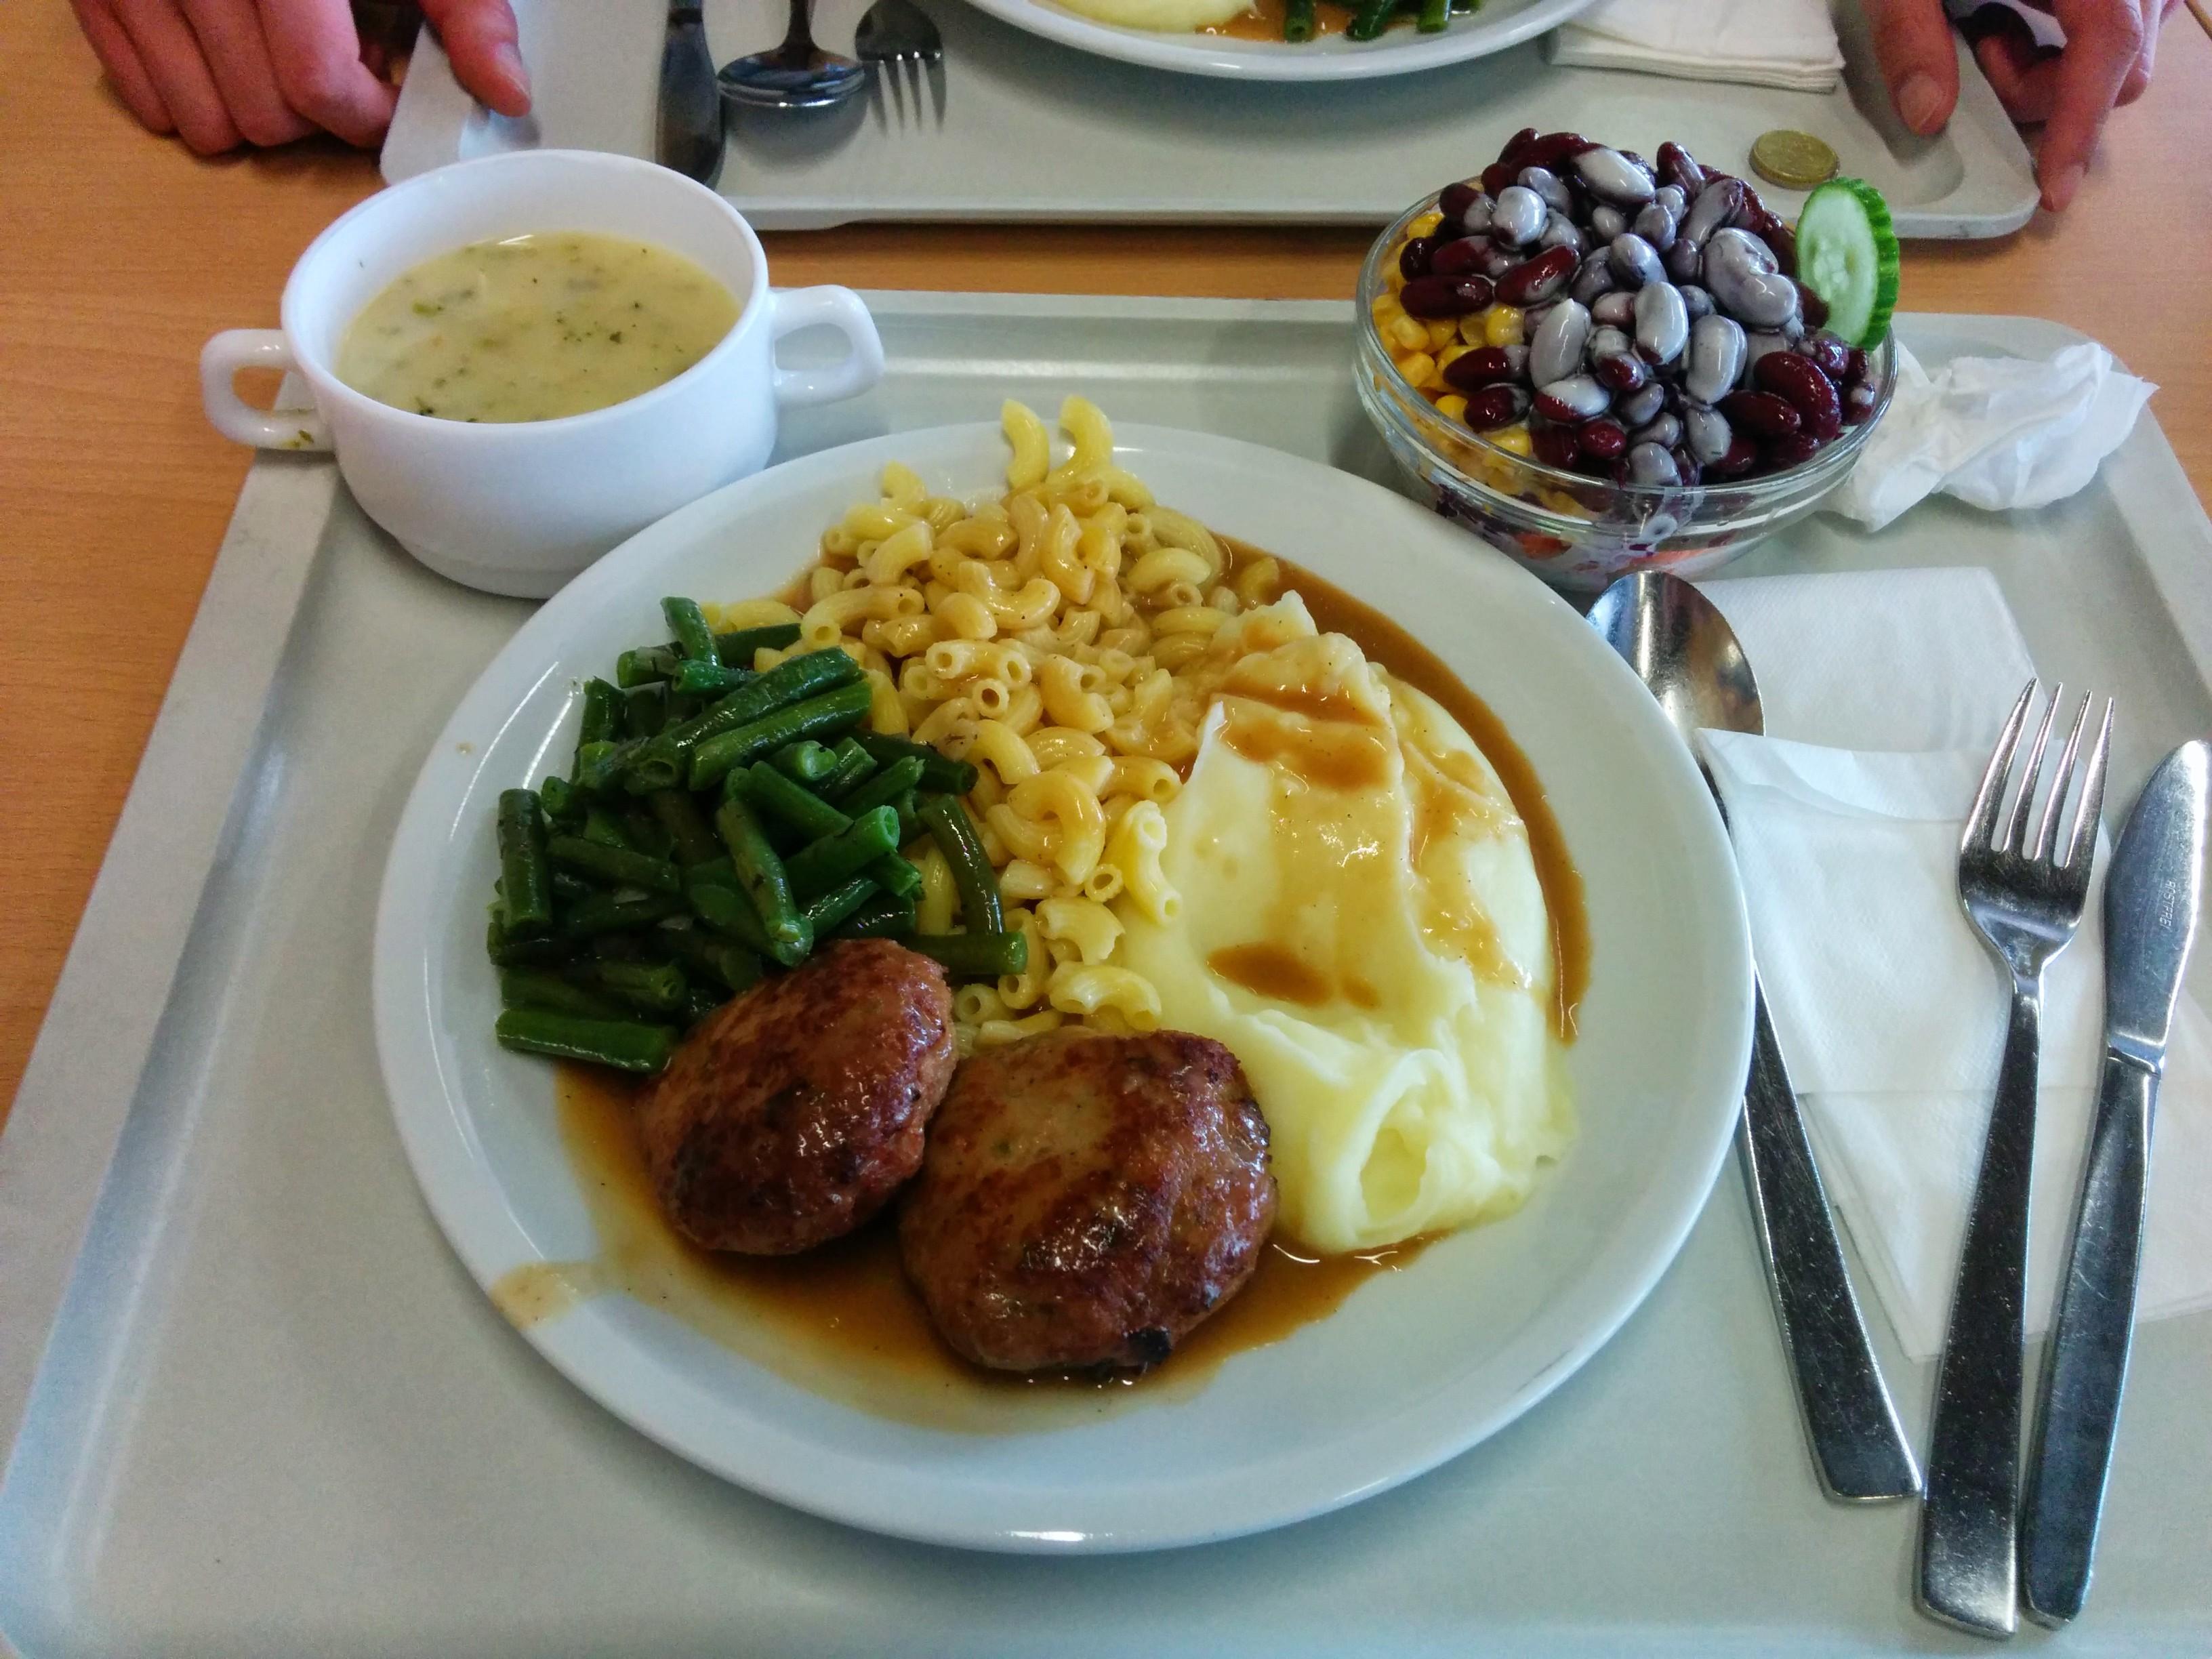 https://foodloader.net/nico_2014-04-04_frikadellen-mit-nudeln-kartoffelpueree-suppe-und-salat.jpg